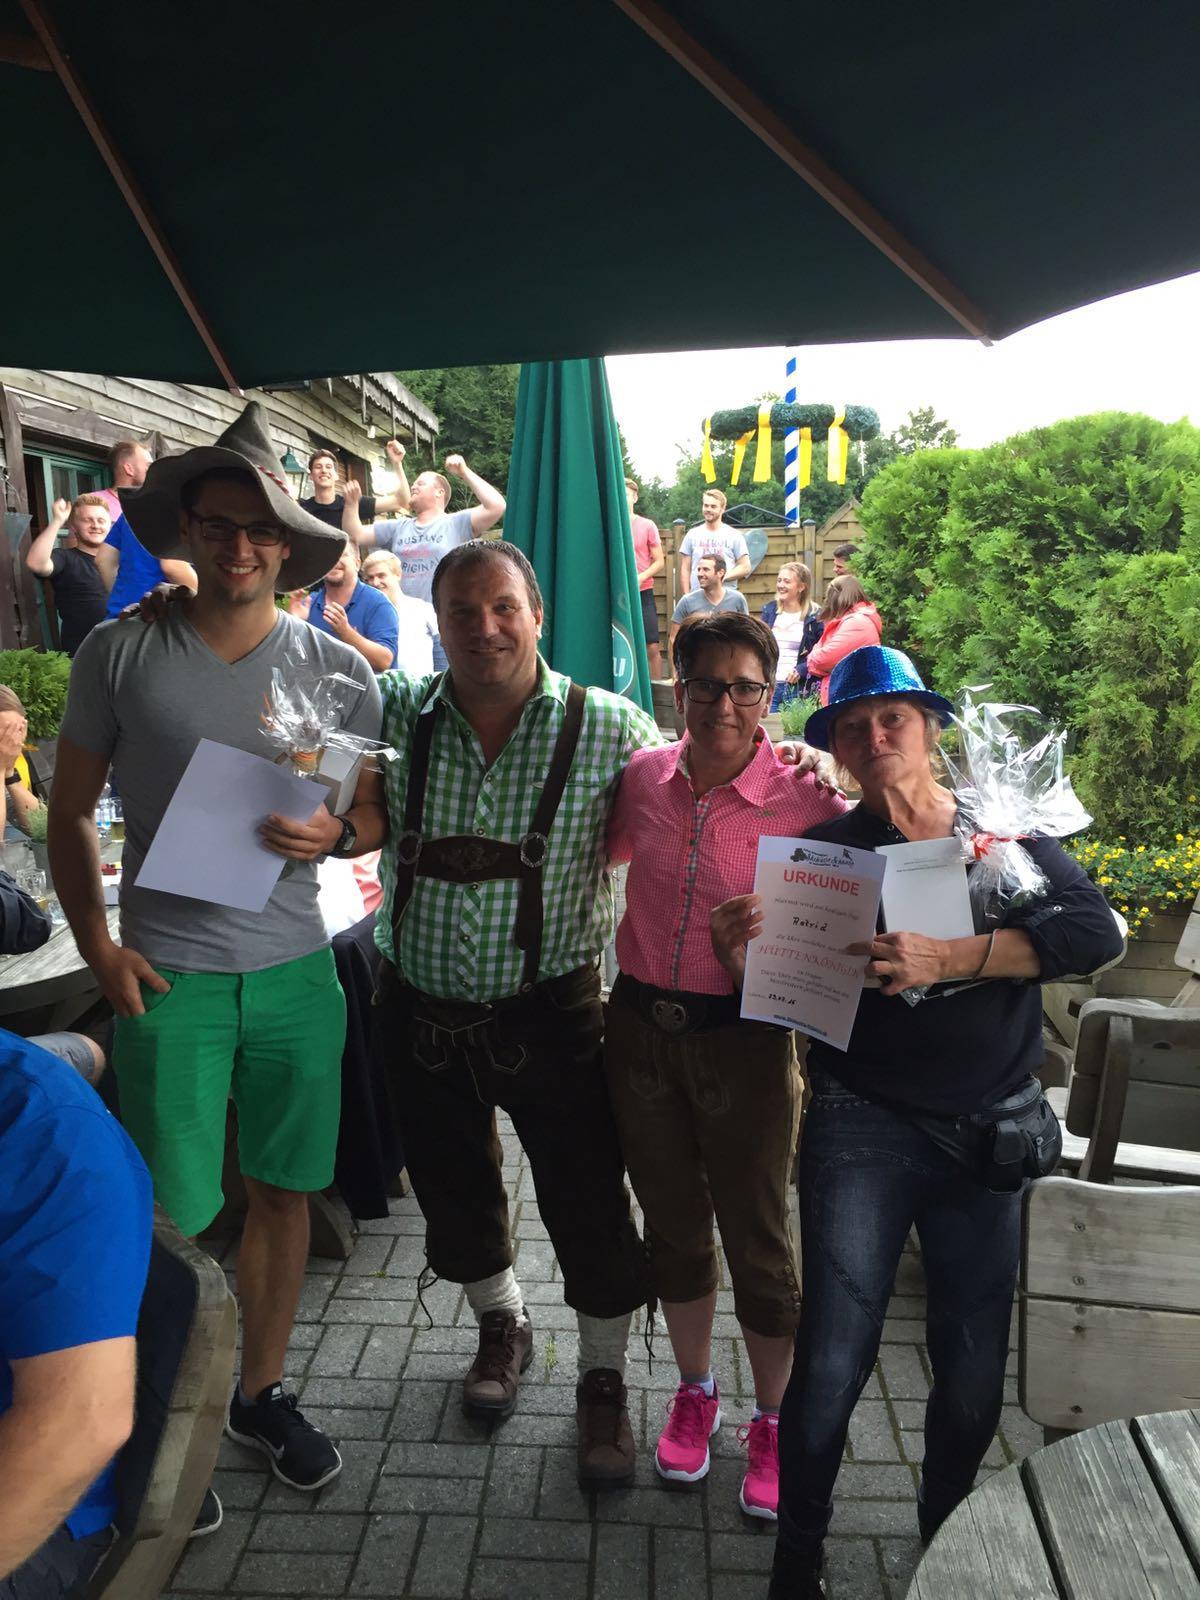 B-Jugend feiert Aufstieg in die Kreisliga A - sghickengrunds Webseite!